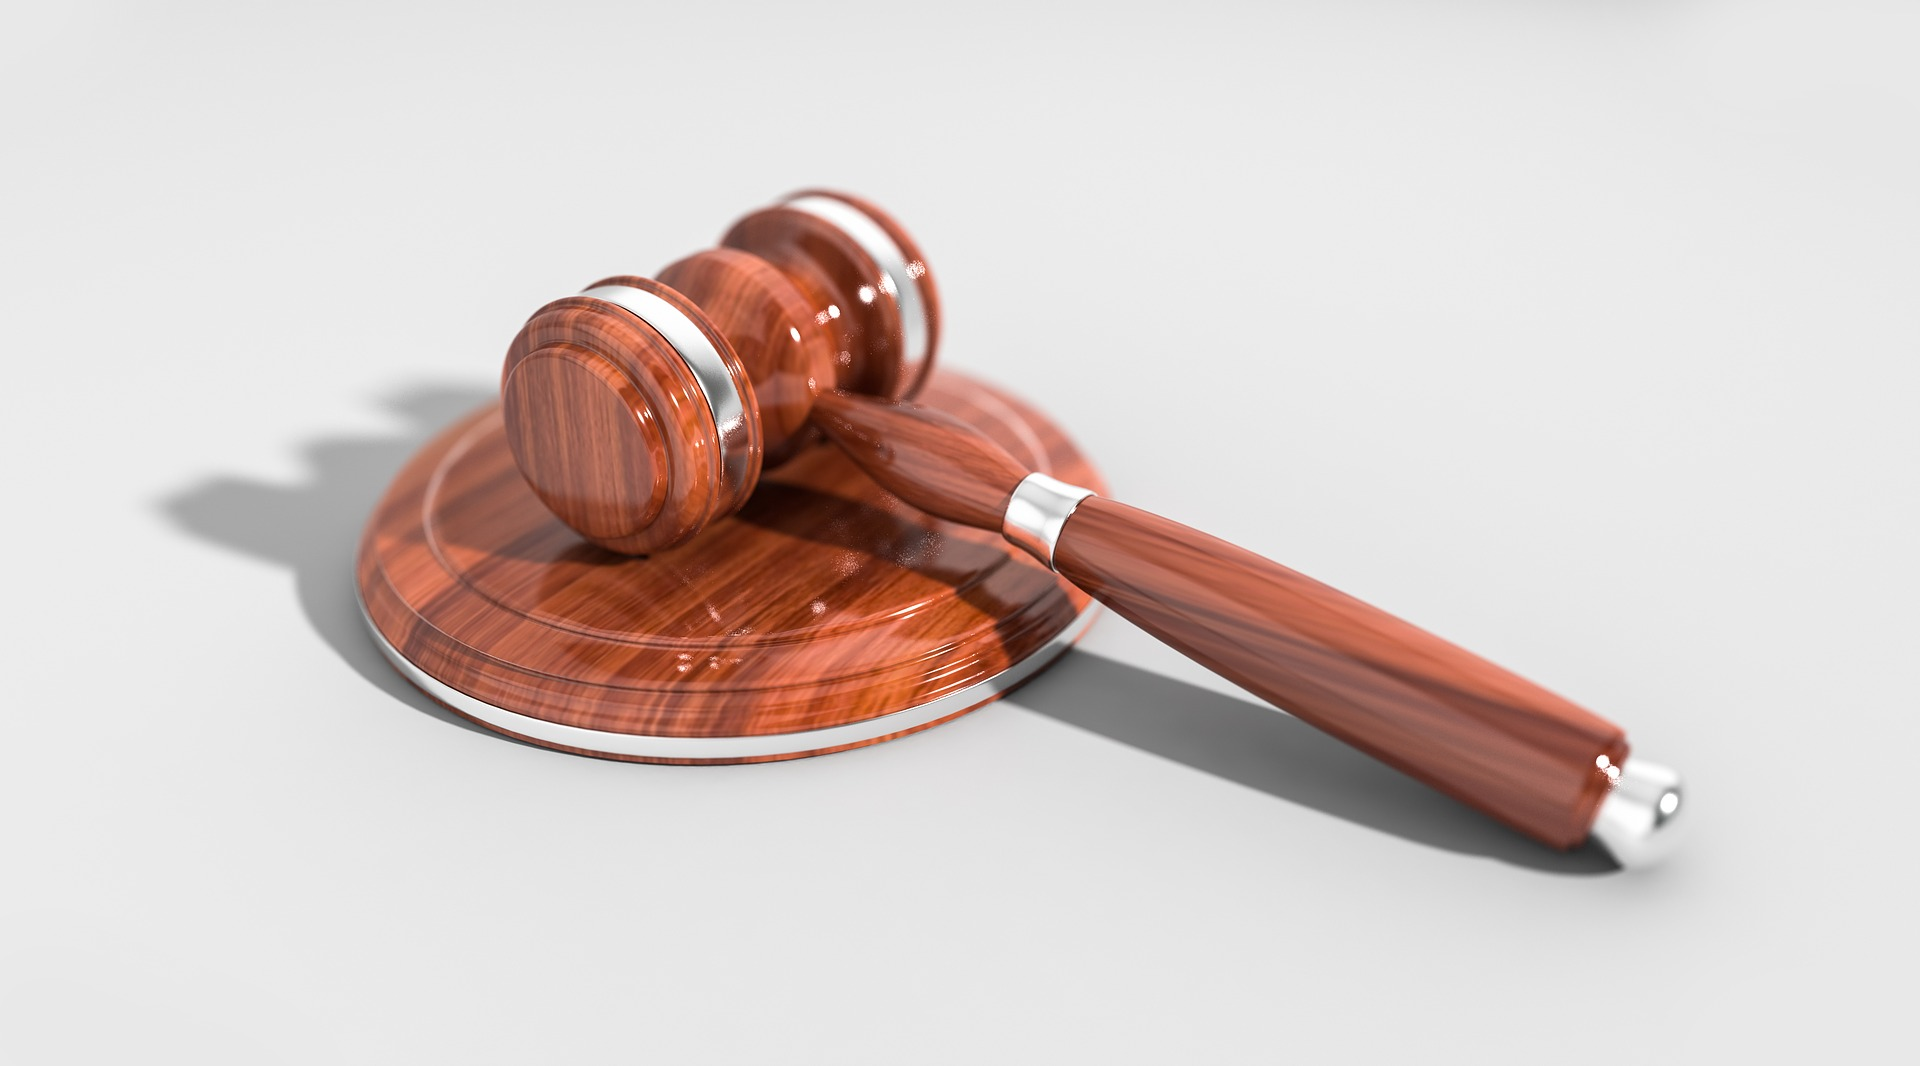 Обжалование решений администрации в суд